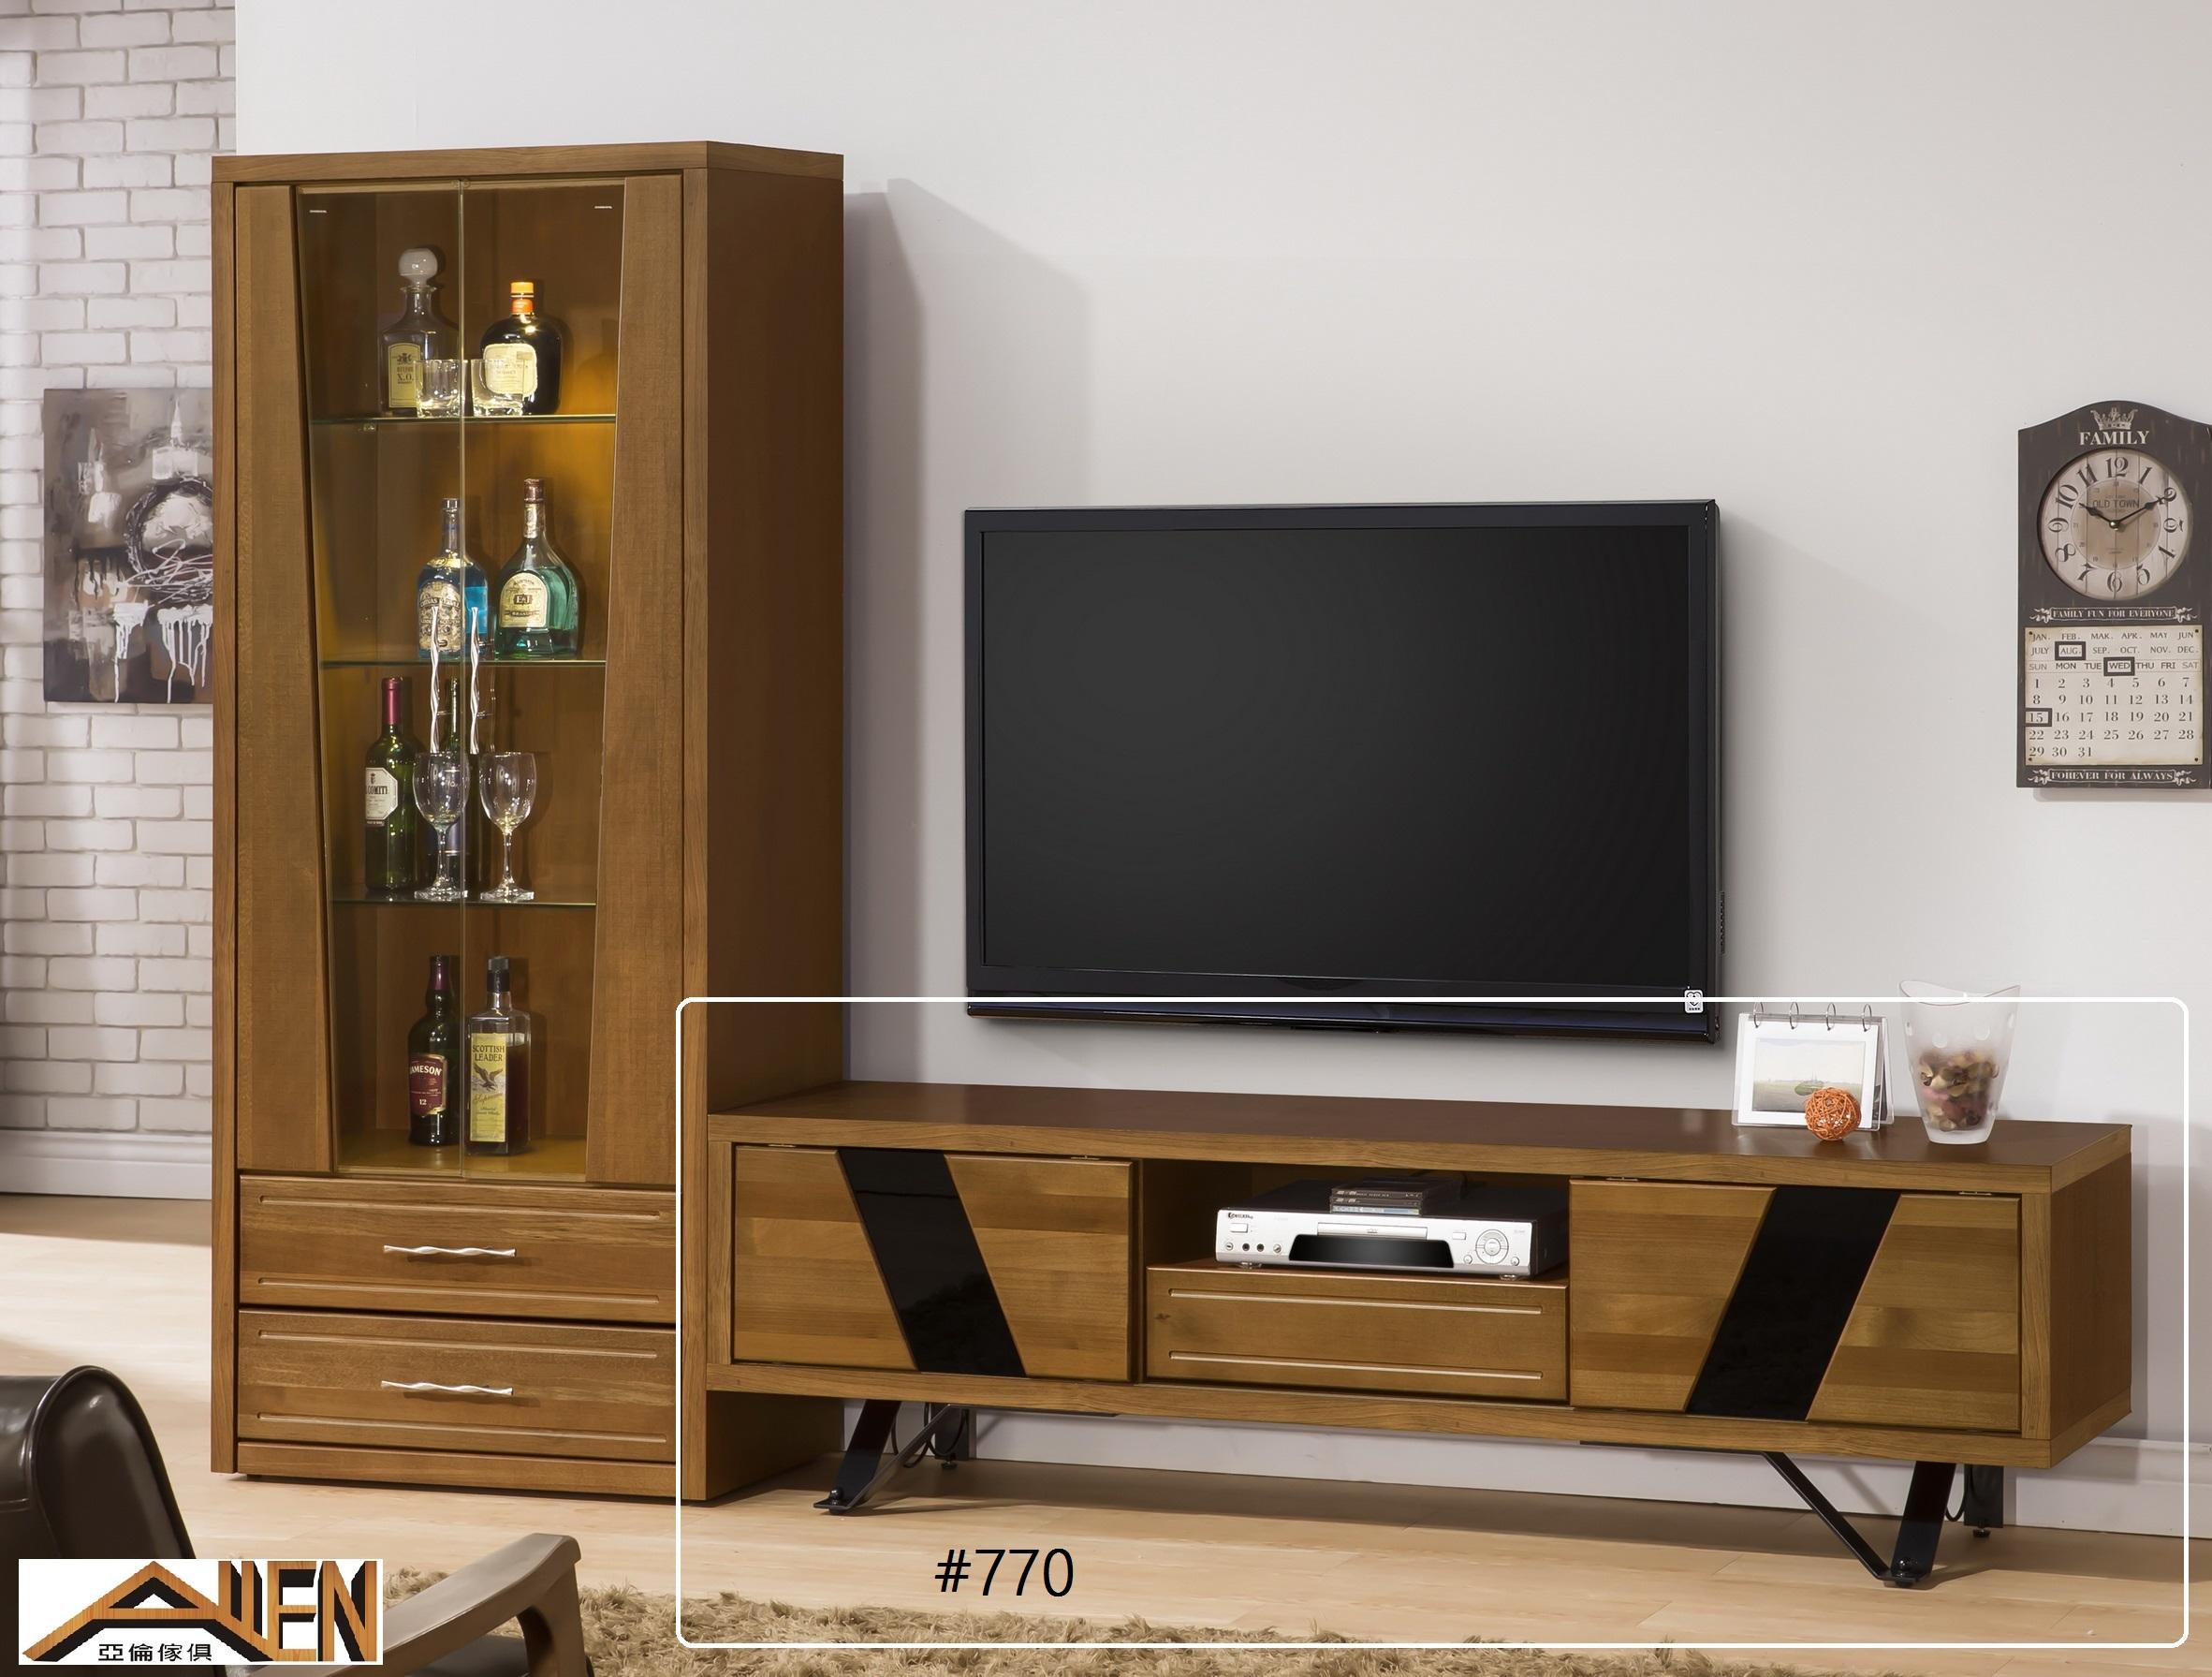 亞倫傢俱*文森卡索南洋檜實木6尺電視櫃 (烤漆鐵腳)